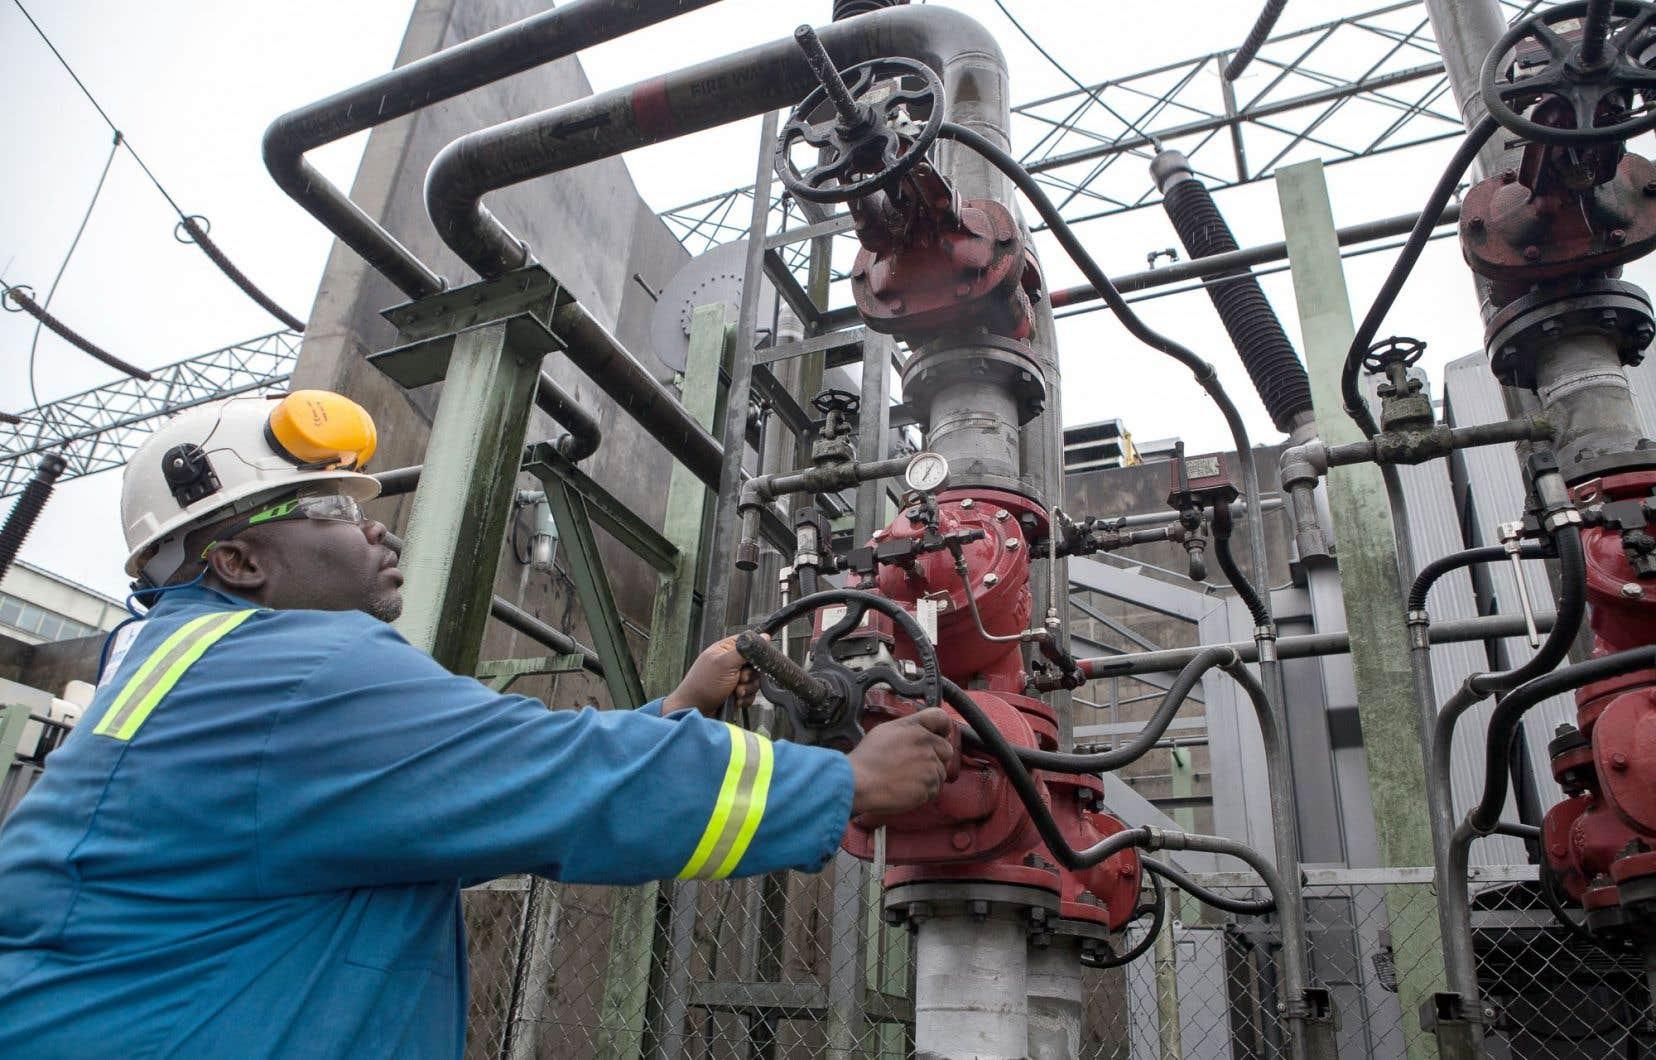 Le Nigeria éprouve certaines difficultés avec ses pipelines depuis plusieurs jours, ce qui ajoute aux diminutions provisoires de la production pétrolière à travers le monde.